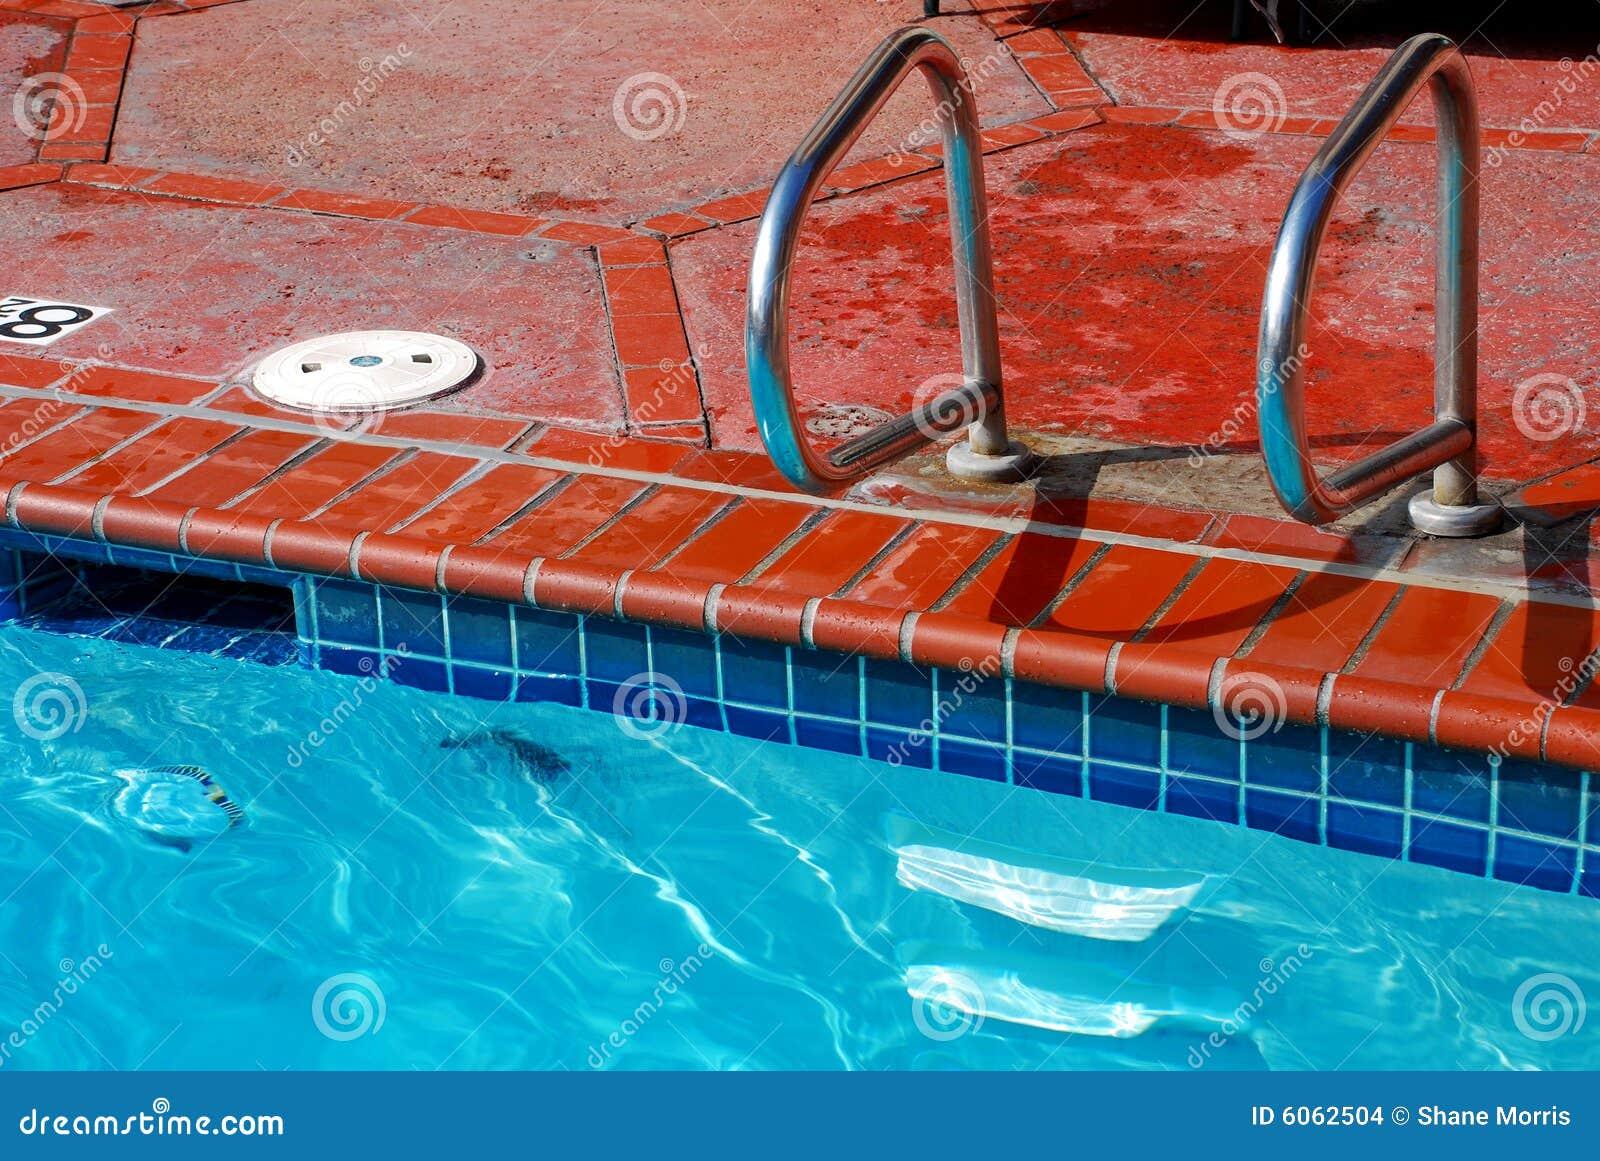 Borde y azulejo de la piscina del ladrillo imagenes de for Construccion de piscinas con ladrillos